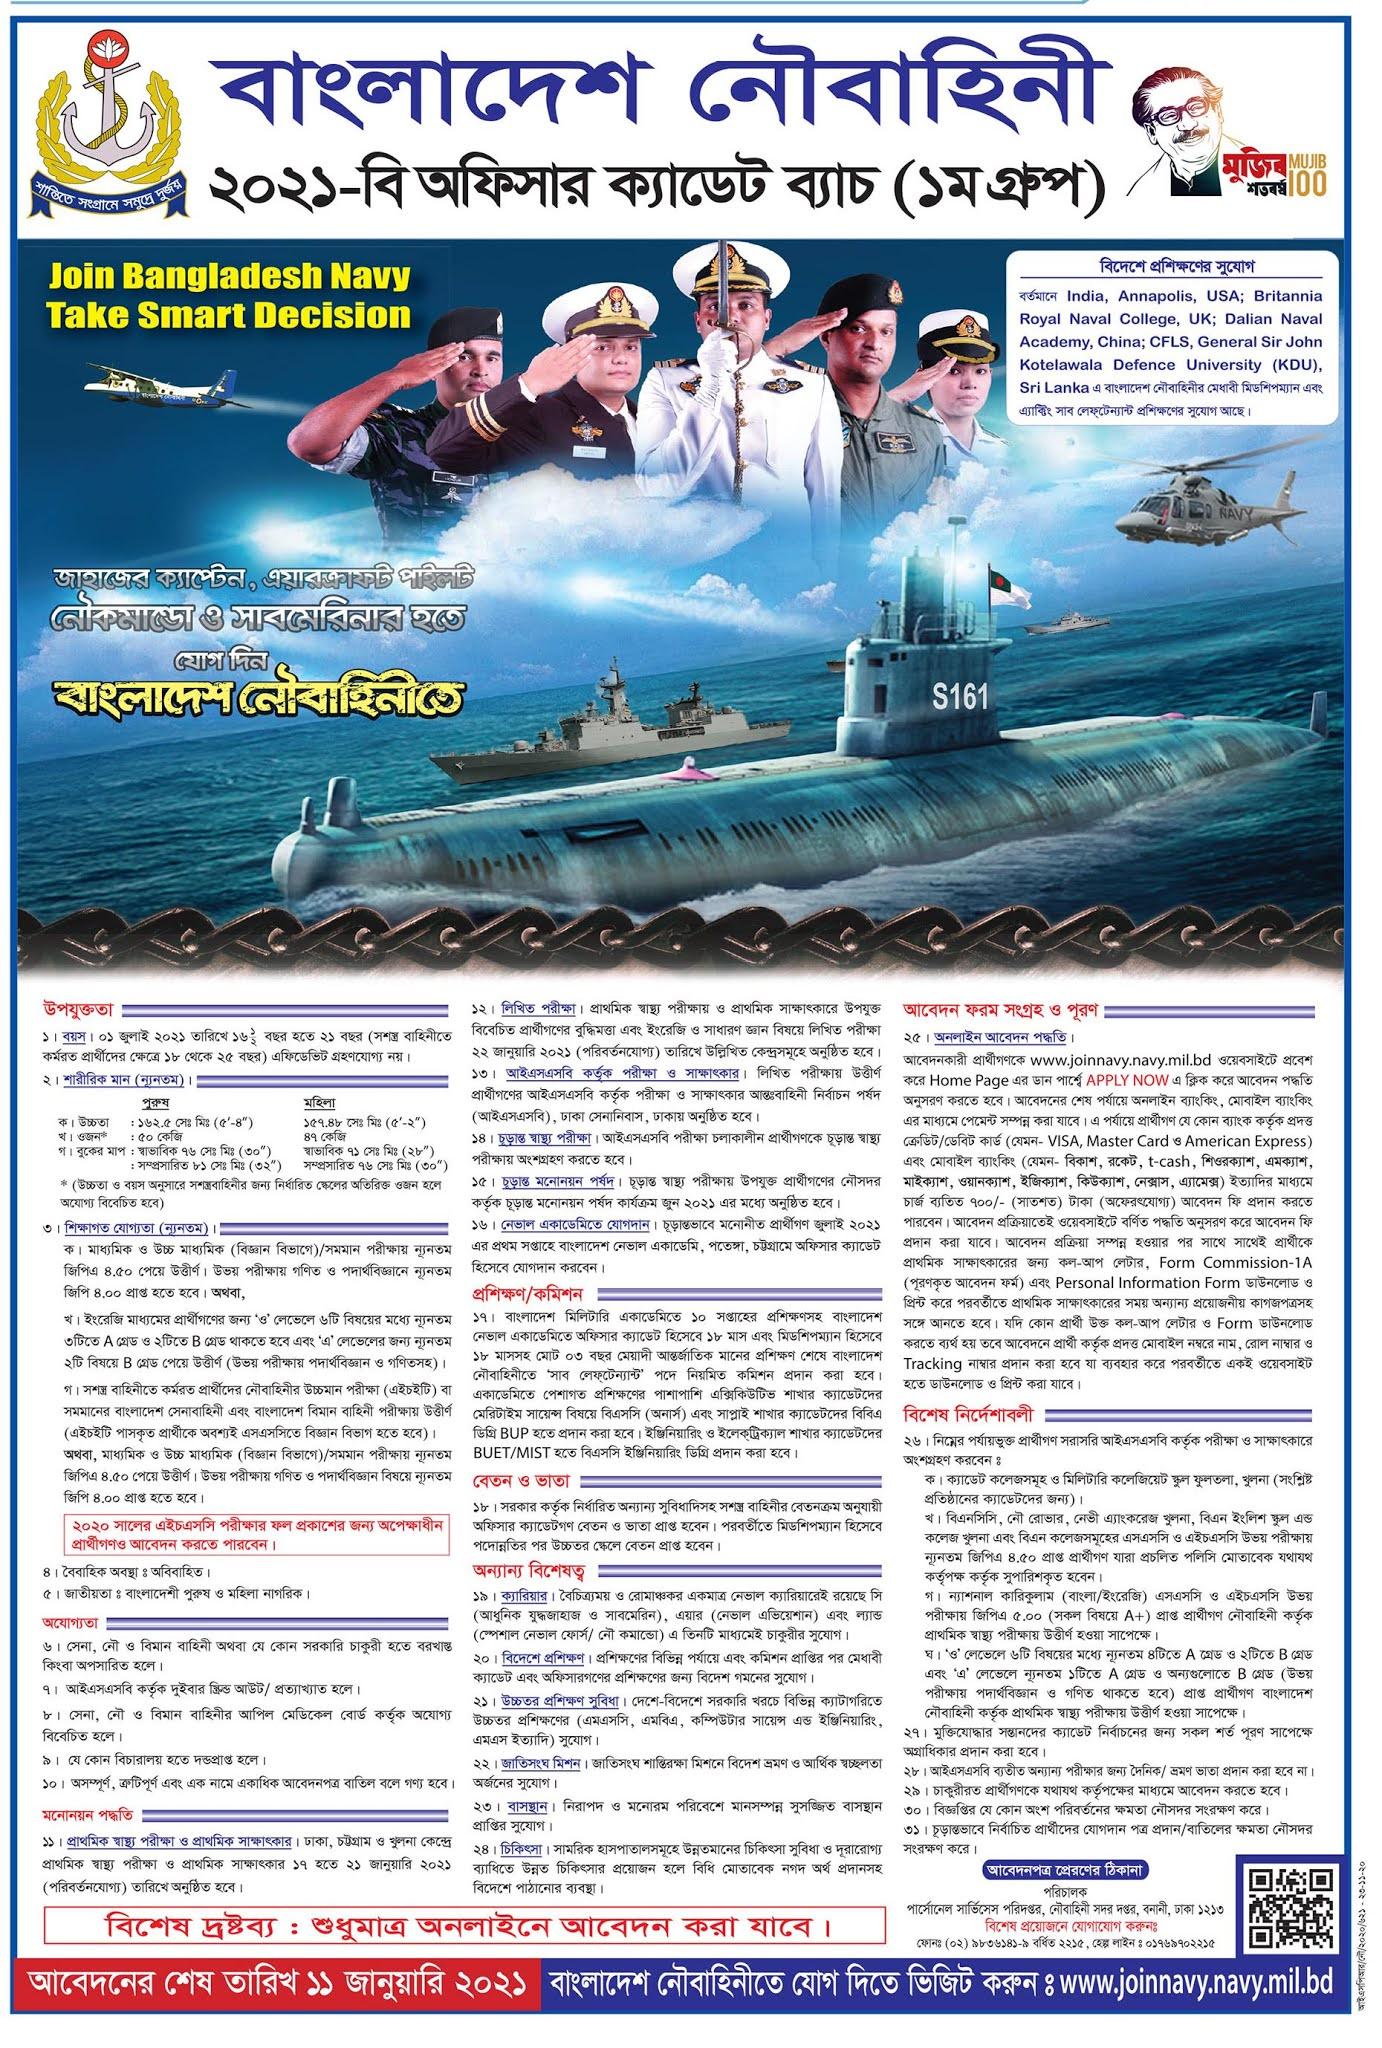 Bangladesh navy Job Circula